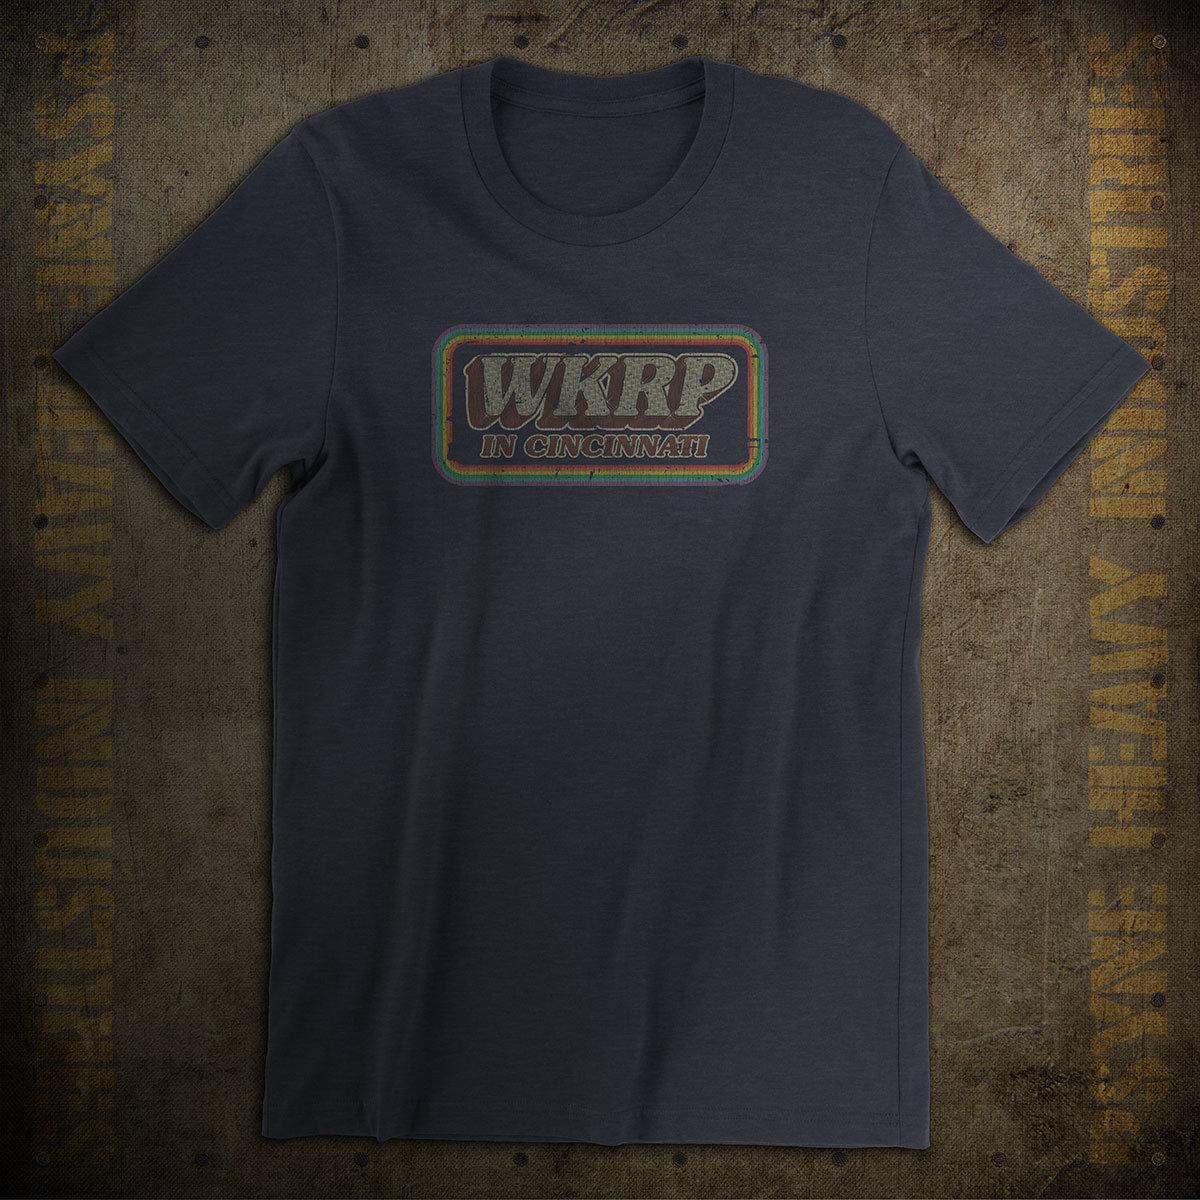 WKRP in Cincinnati Vintage T-Shirt